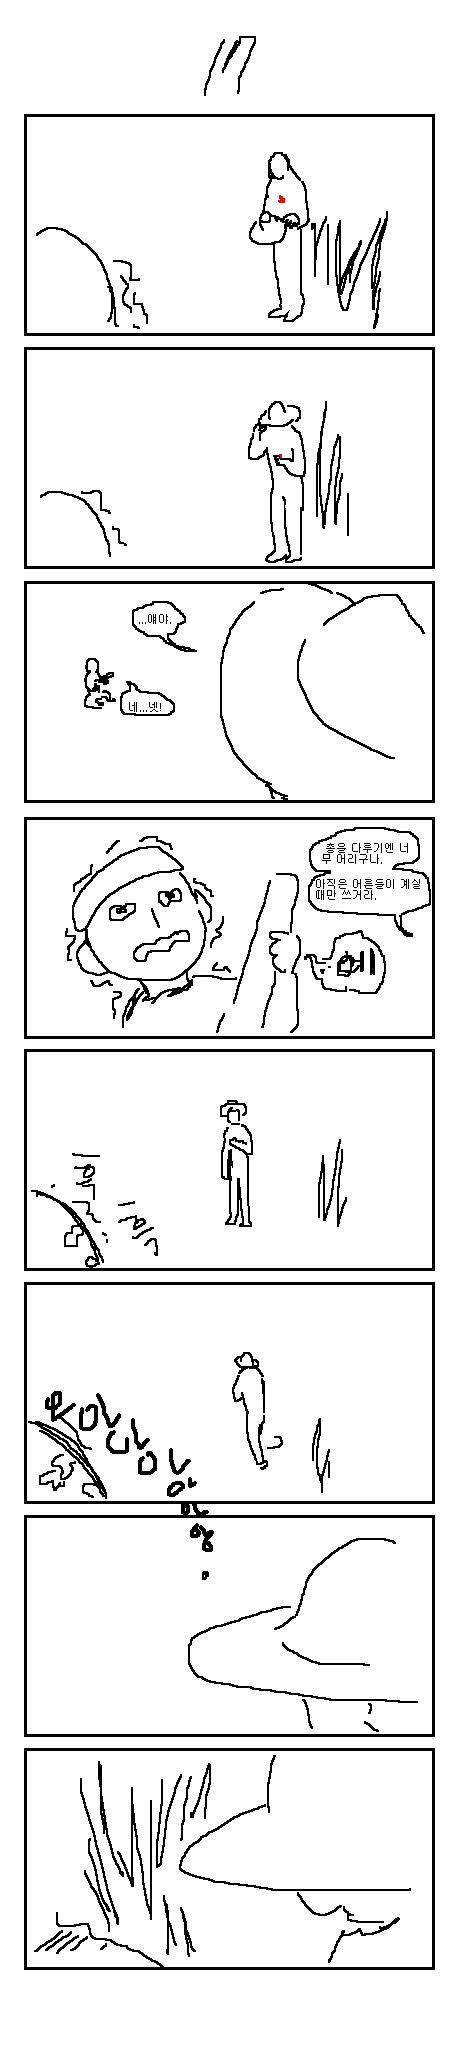 17.JPG